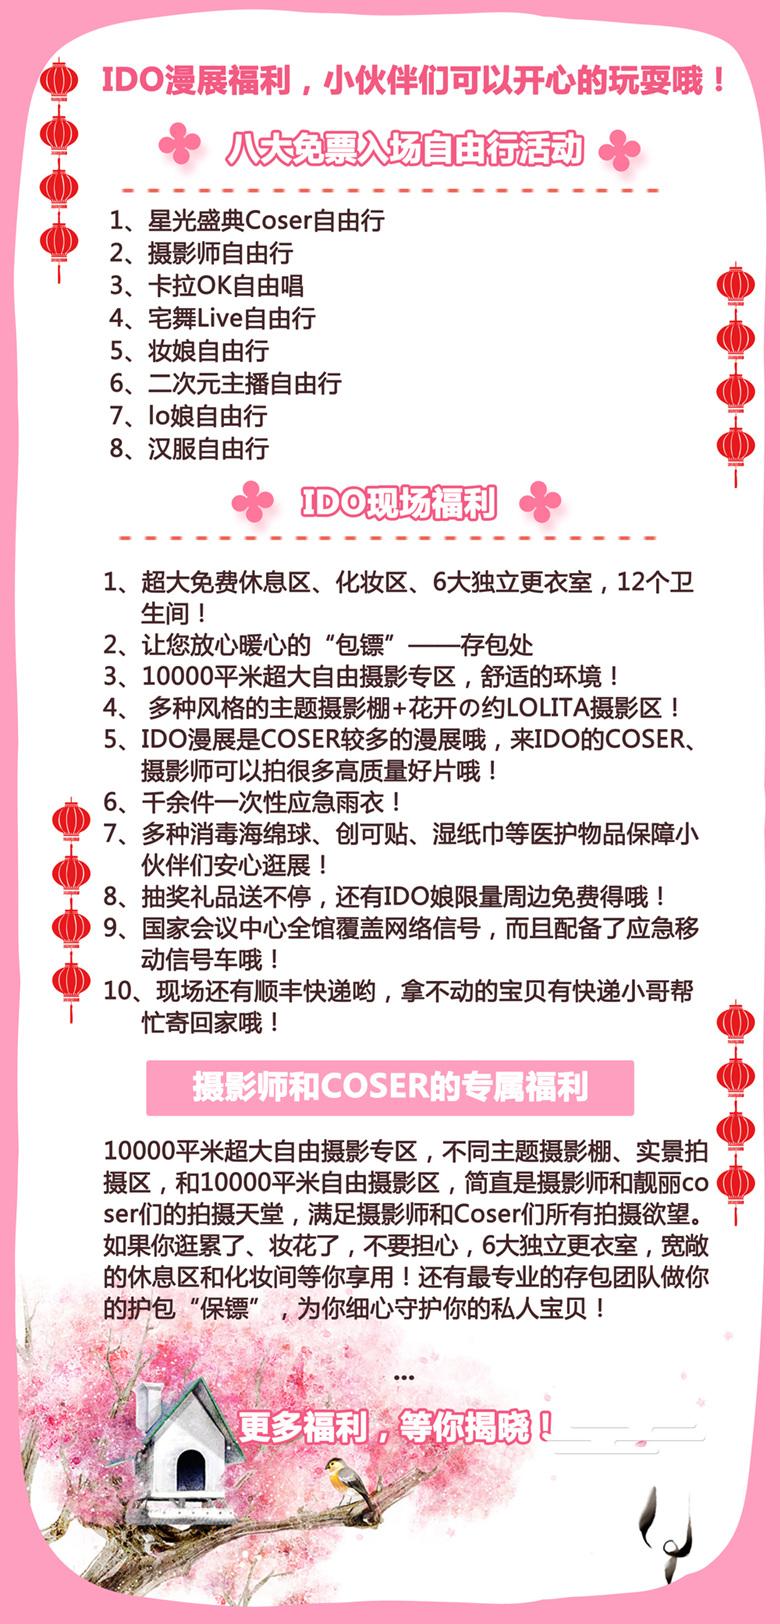 【IDO26漫展】第26届中国(北京)动漫游戏嘉年华(IDO26)与各位小伙伴们欢聚国会!4月30日-5月1日,一起相约北京国家会议中心!-ANICOGA